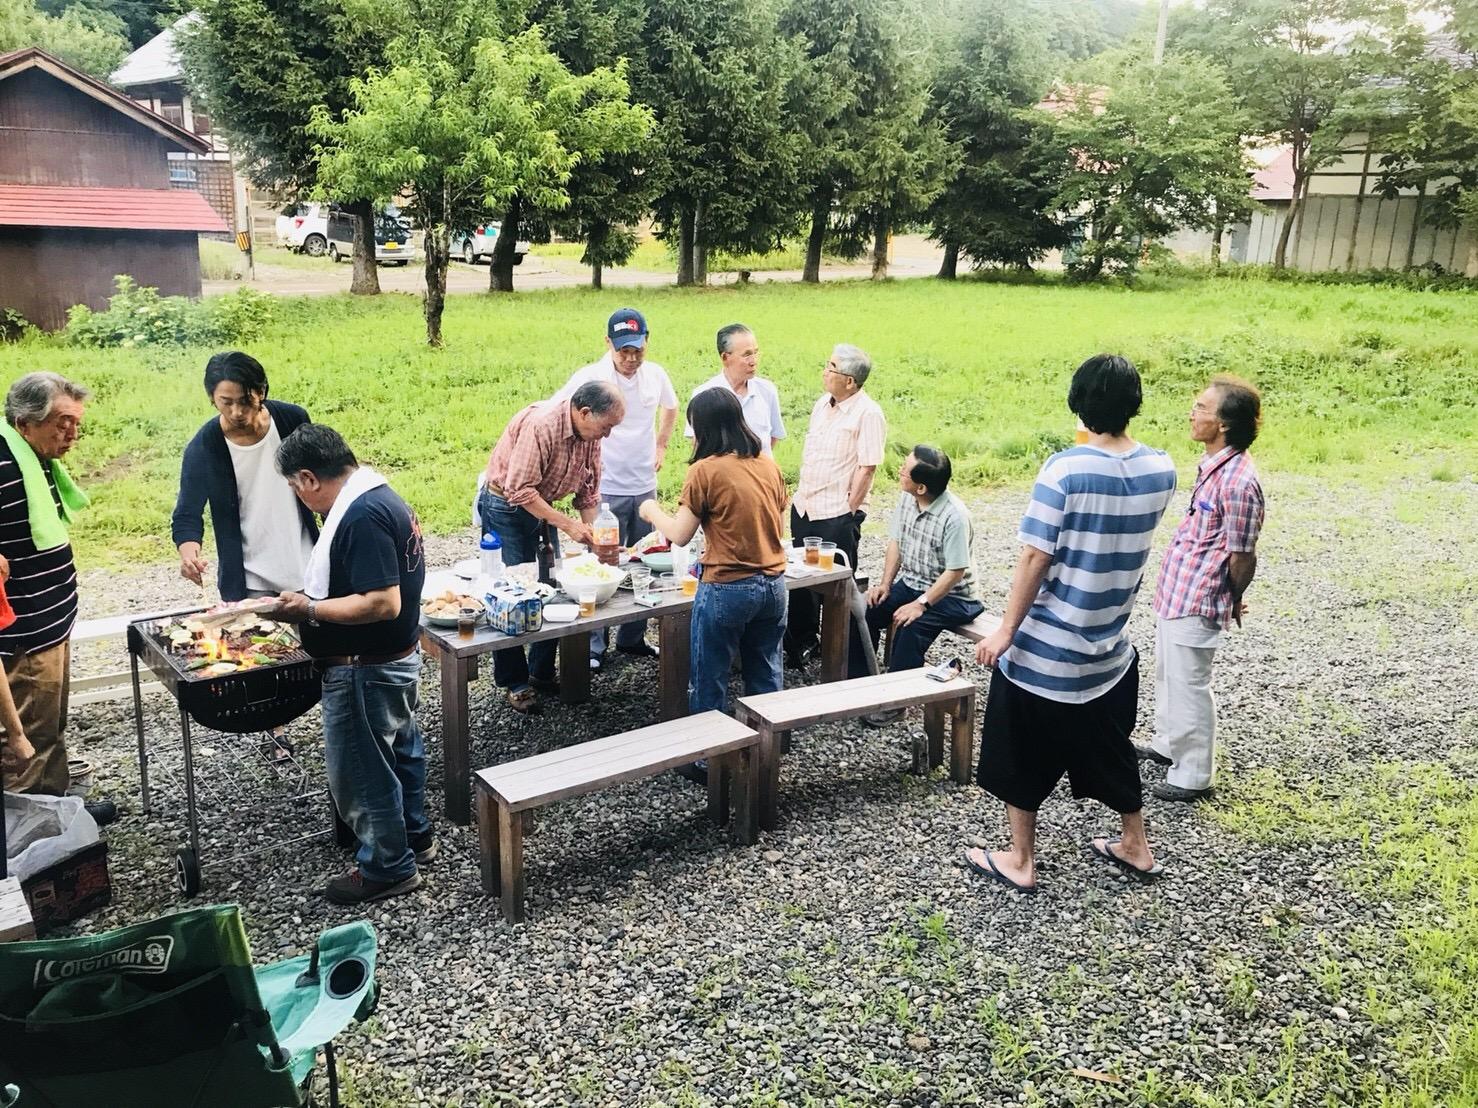 SHARE BASE 昭和村でBBQ